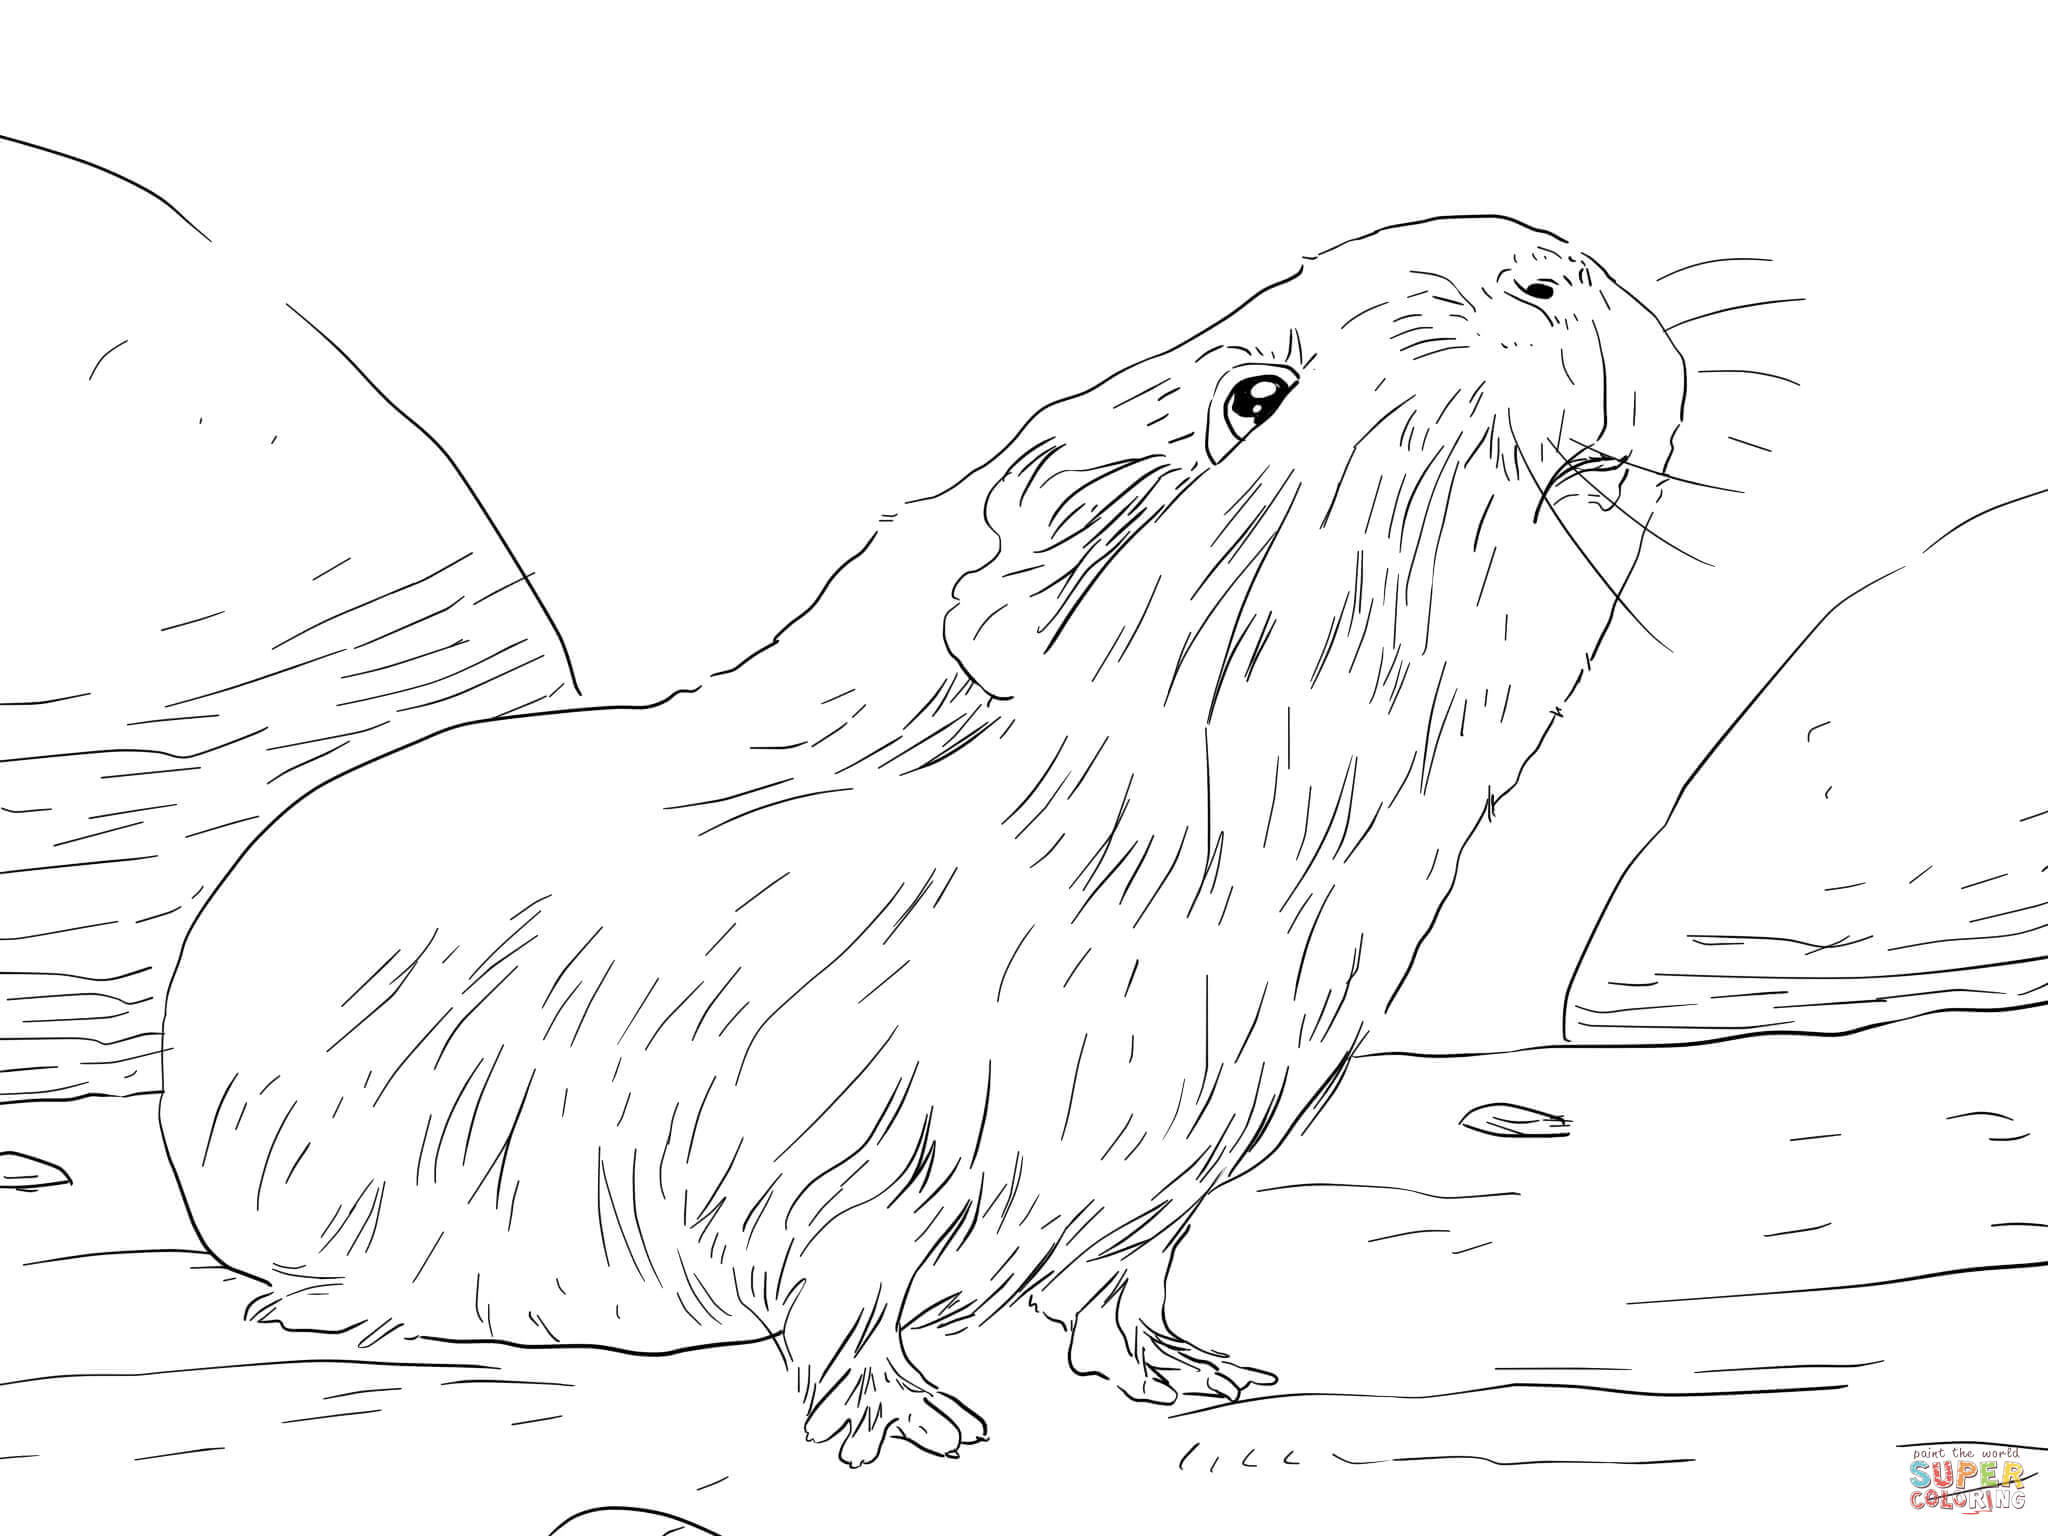 Ausmalbild: Neugieriges Meerschweinchen | Ausmalbilder für Meerschweinchen Bilder Zum Ausdrucken